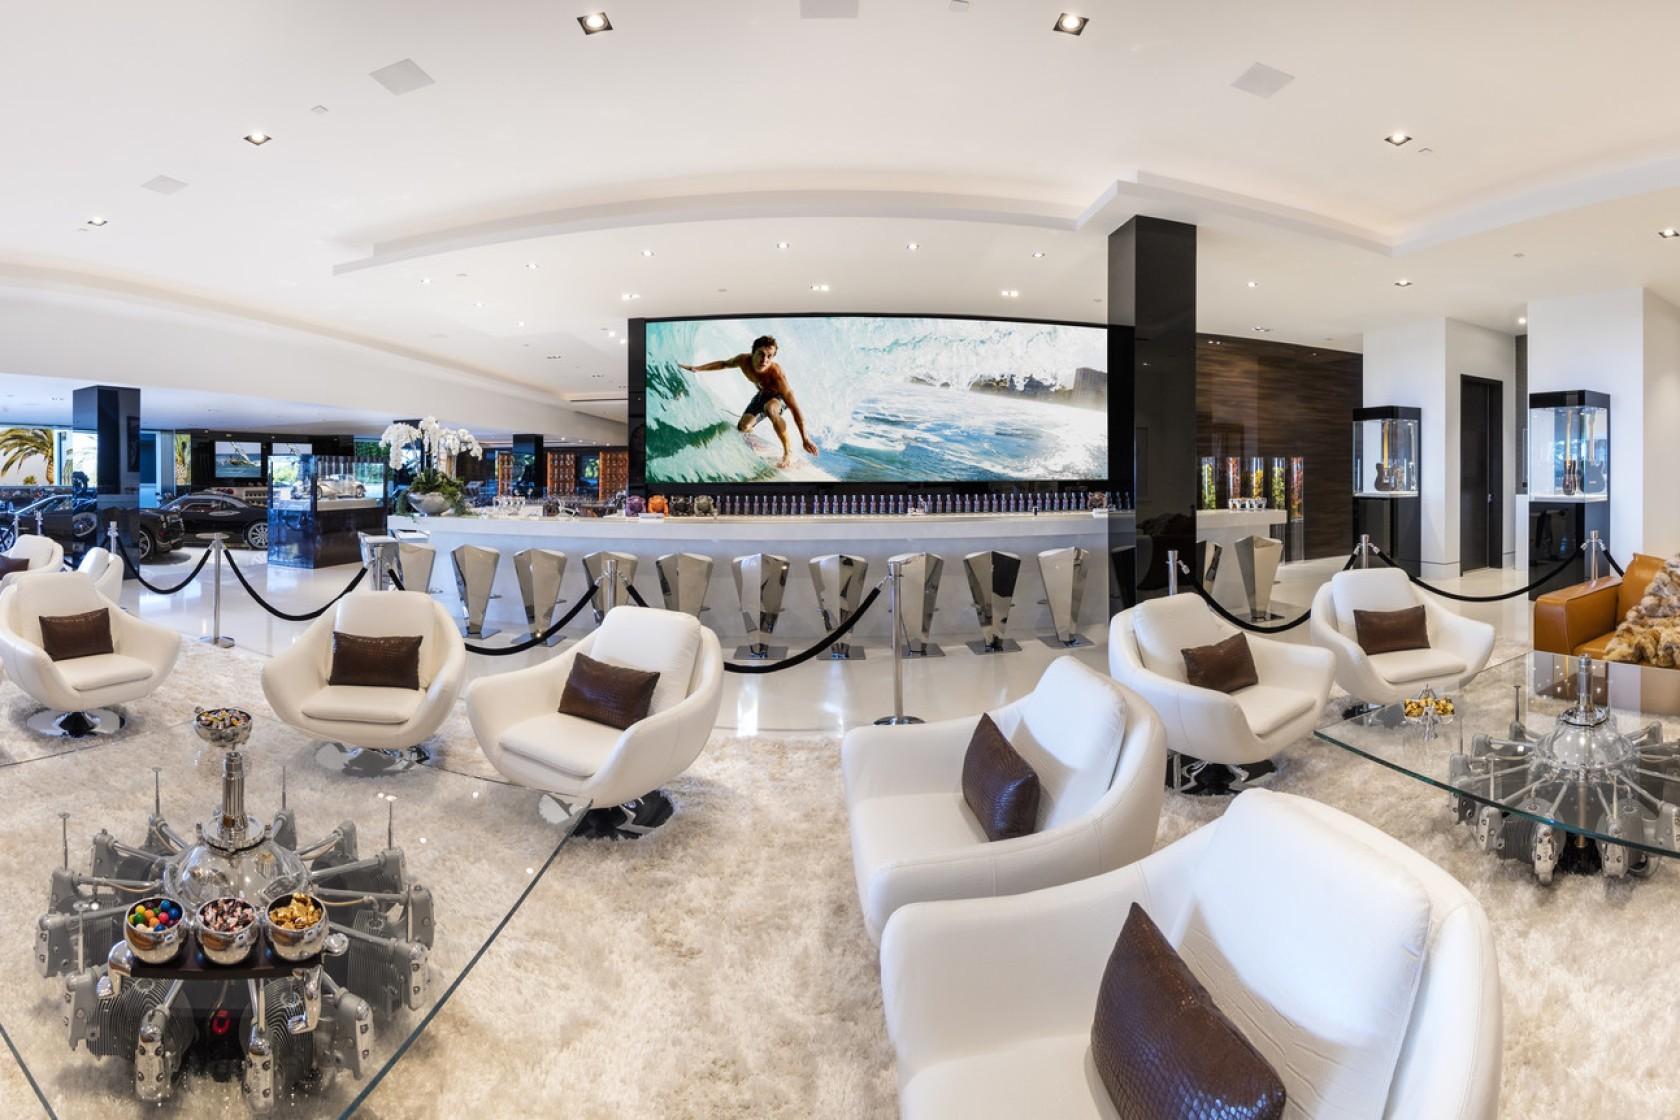 Traumhaus in Bel Air: Dieses $250 Millionen Dollar Anwesen wechselt für $94 Millionen den Besitzer 4